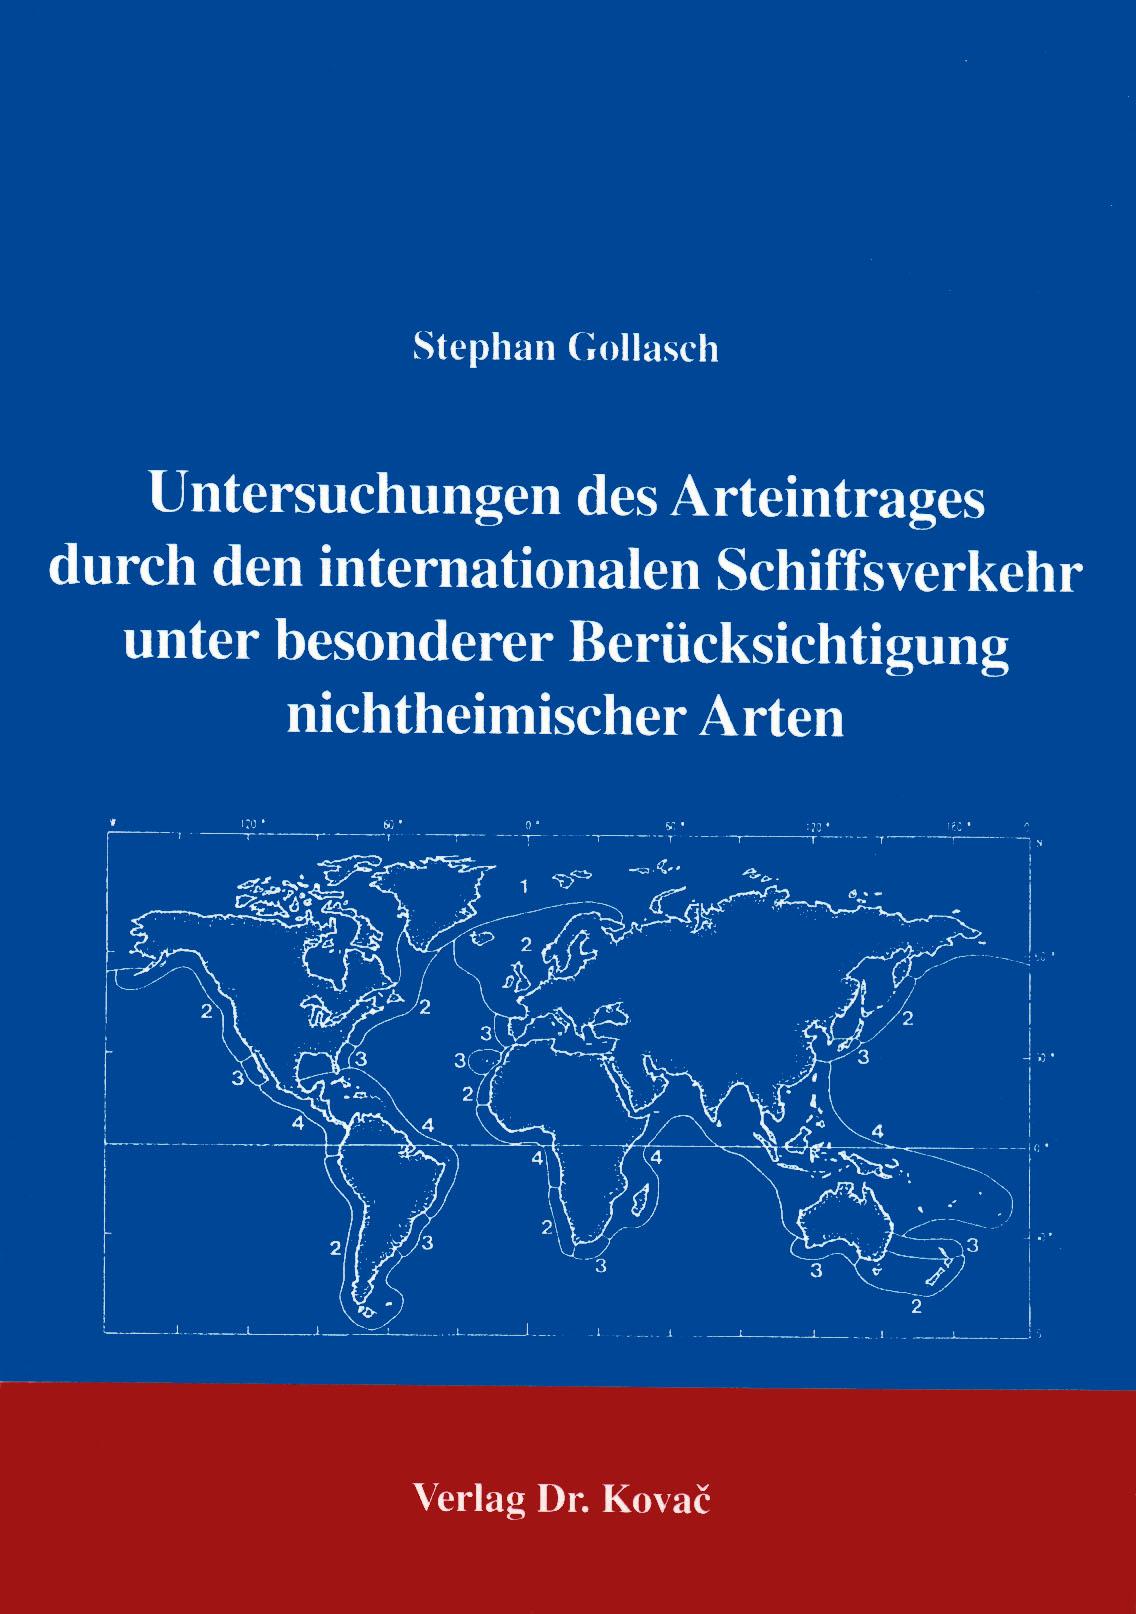 Cover: Untersuchungen des Arteintrages durch den internationalen Schiffsverkehr unter besonderer Berücksichtigung nichtheimischer Arten